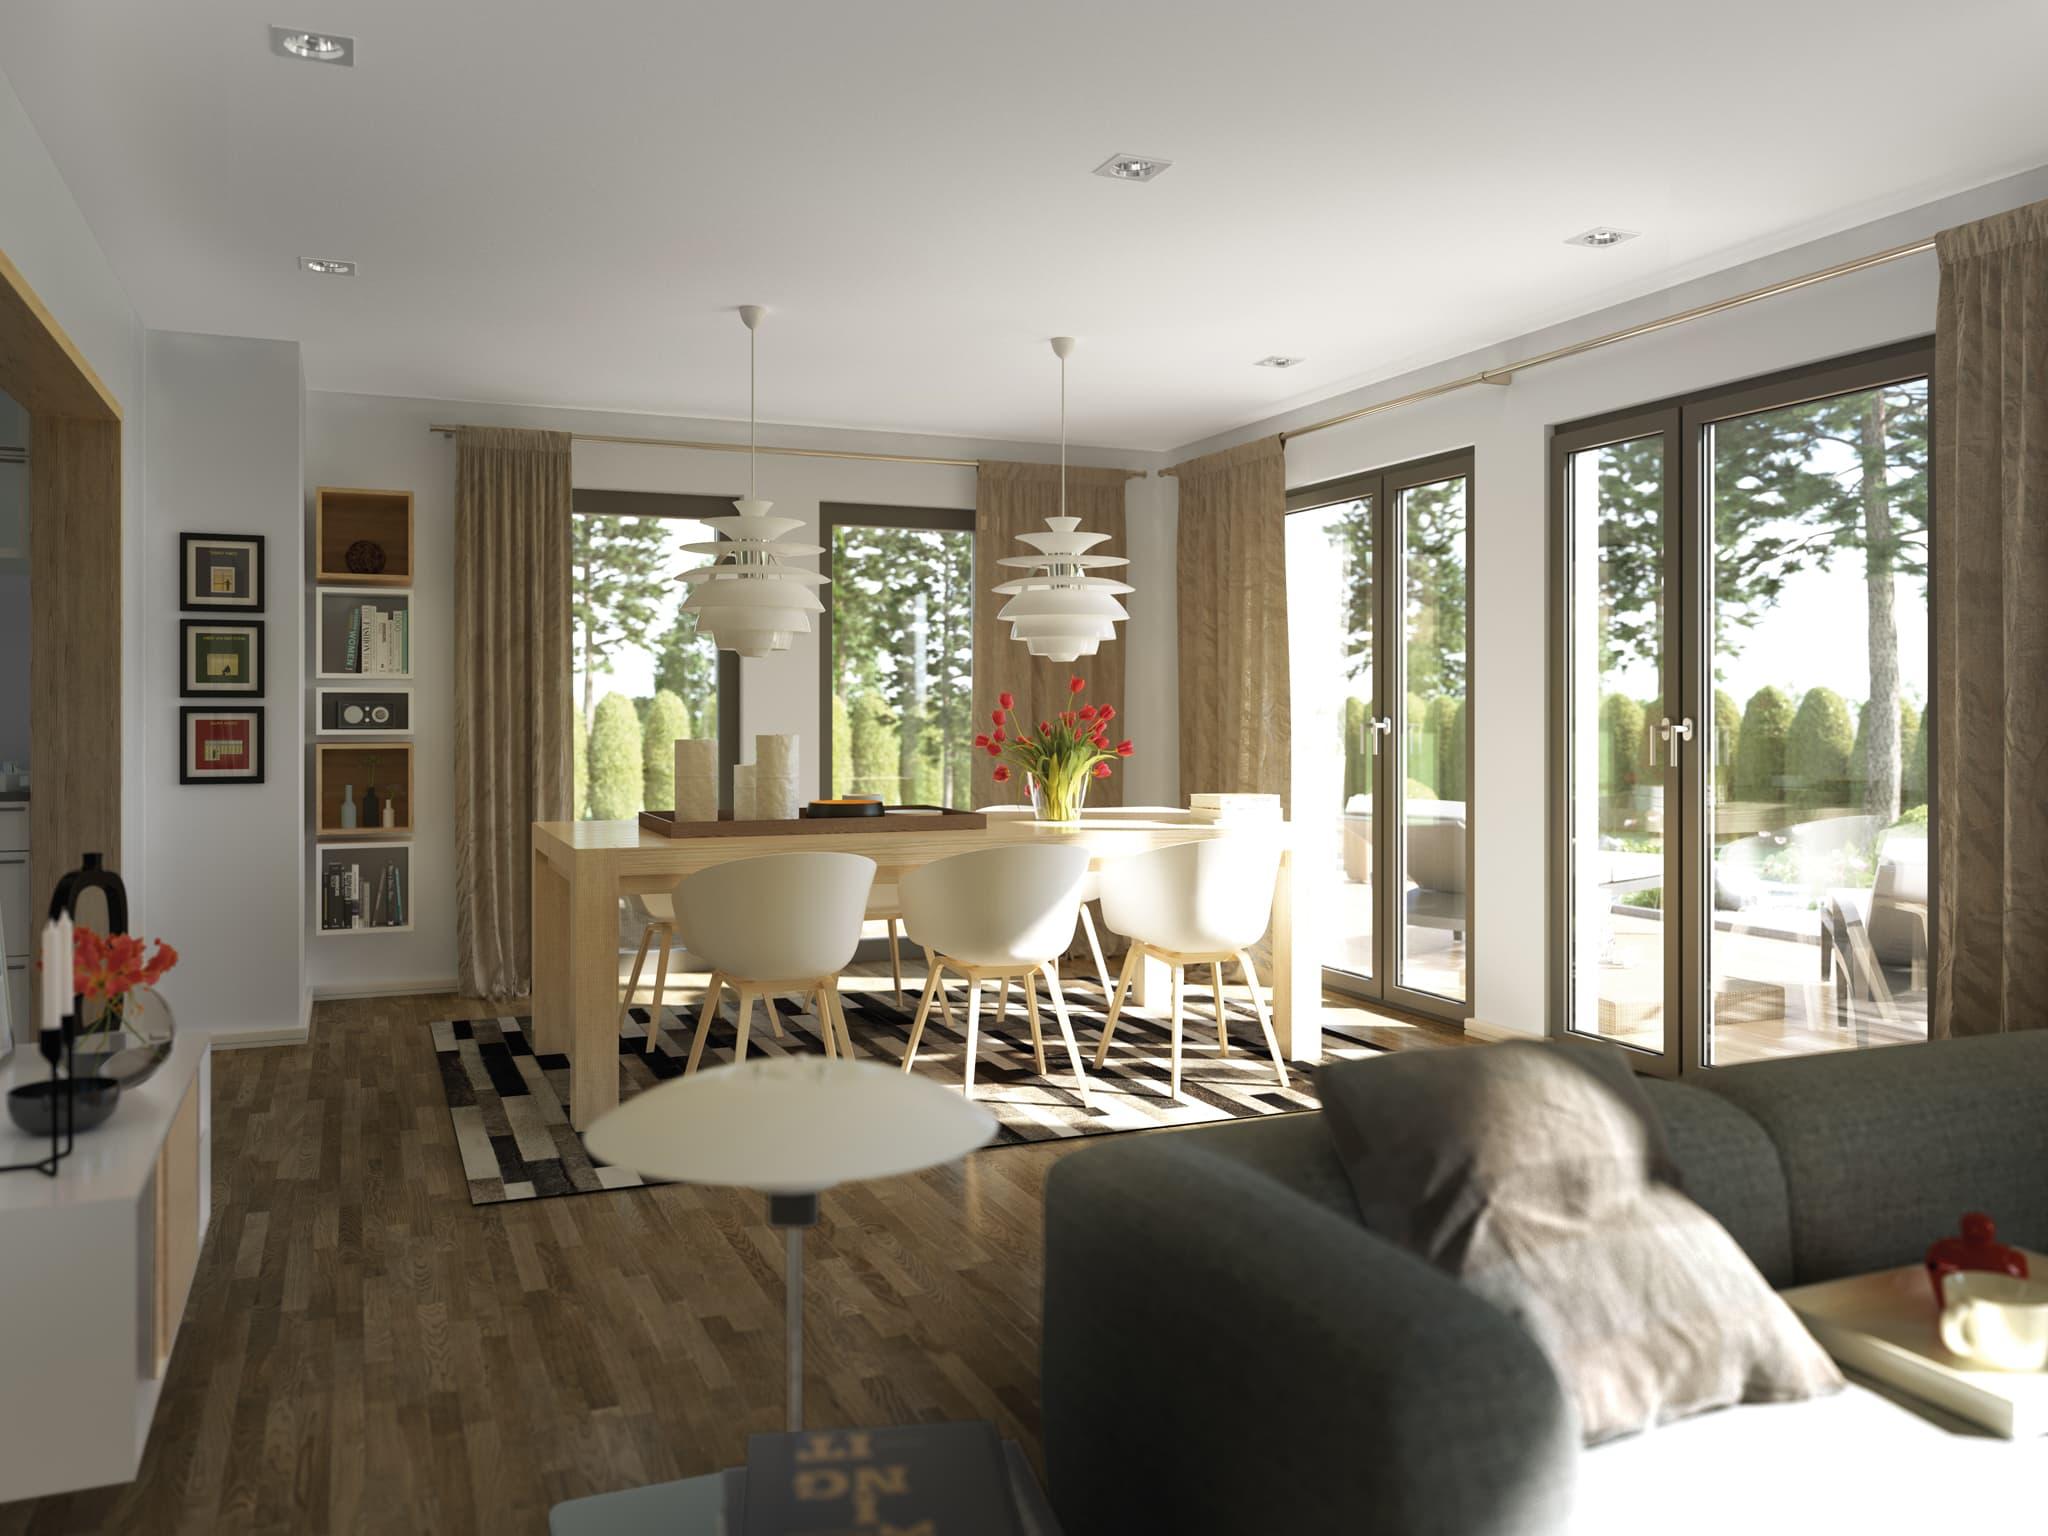 Wohn-Esszimmer - Ideen Inneneinrichtung Fertighaus Stadtvilla SUNSHINE 125 V6 von Living Haus - HausbauDirekt.de